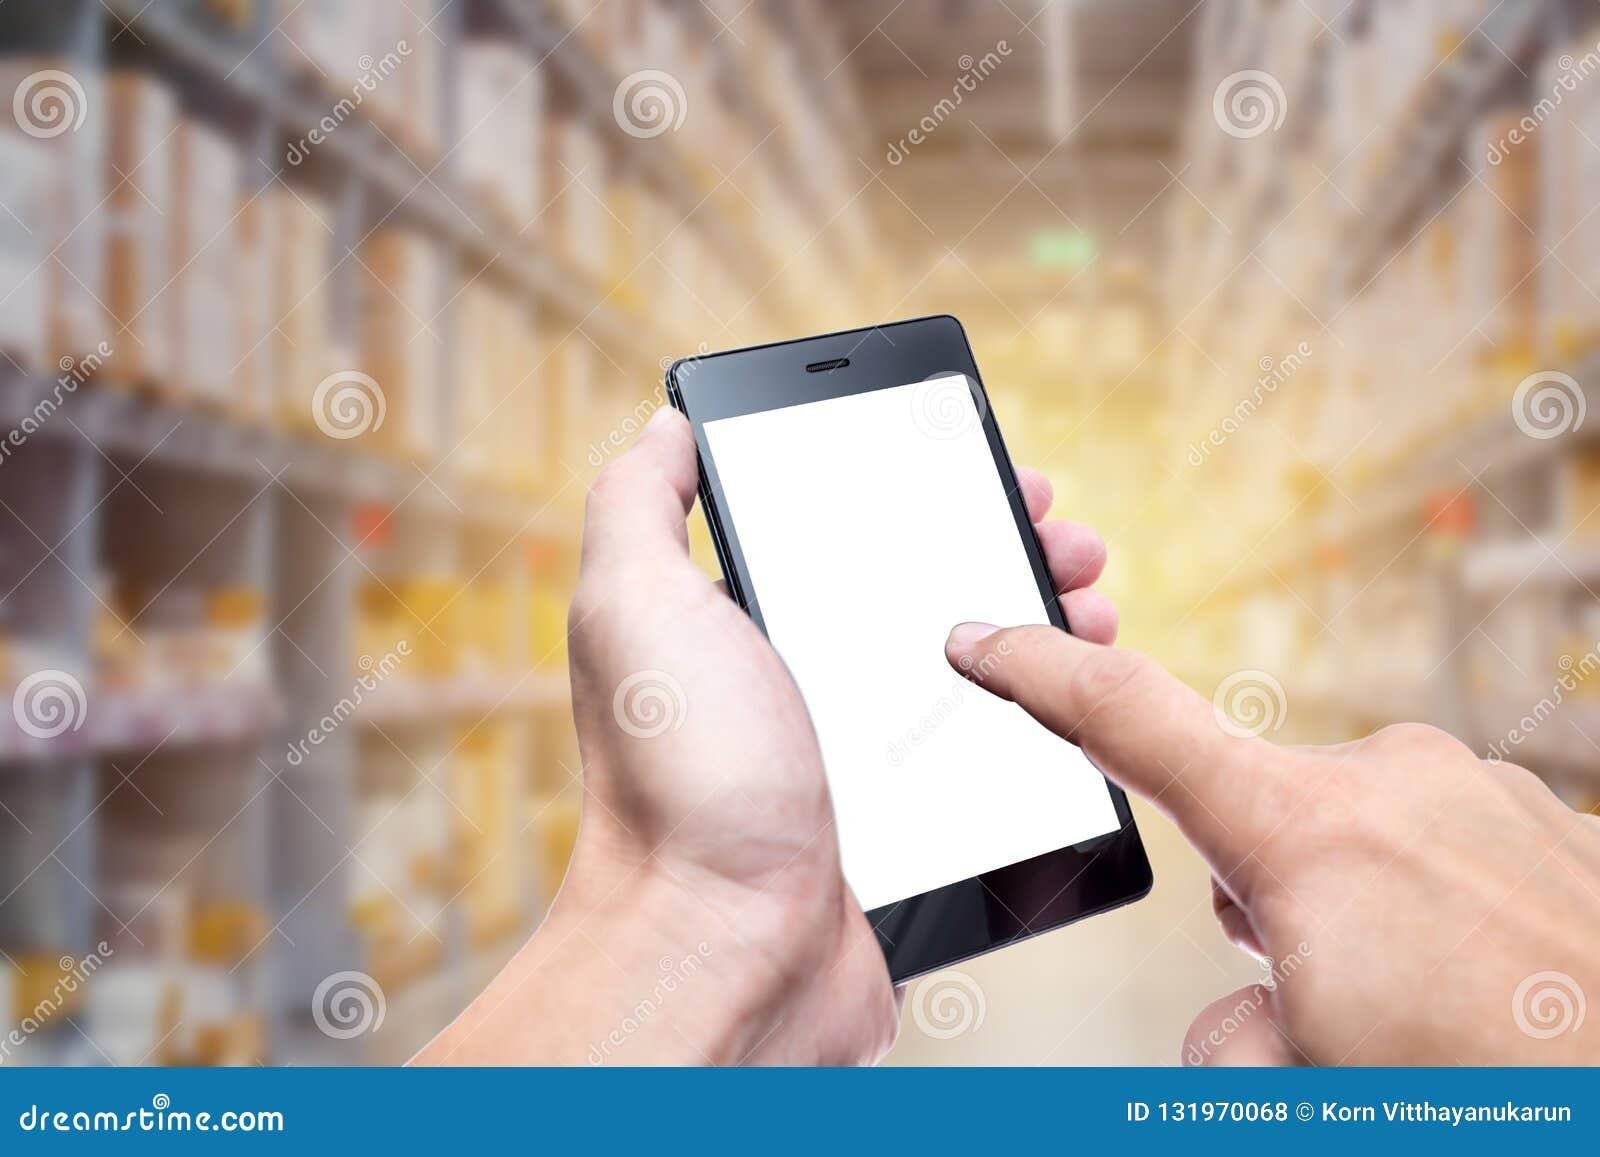 Main utilisant le smartphone avec la technologie de gestion des stocks d entrepôt